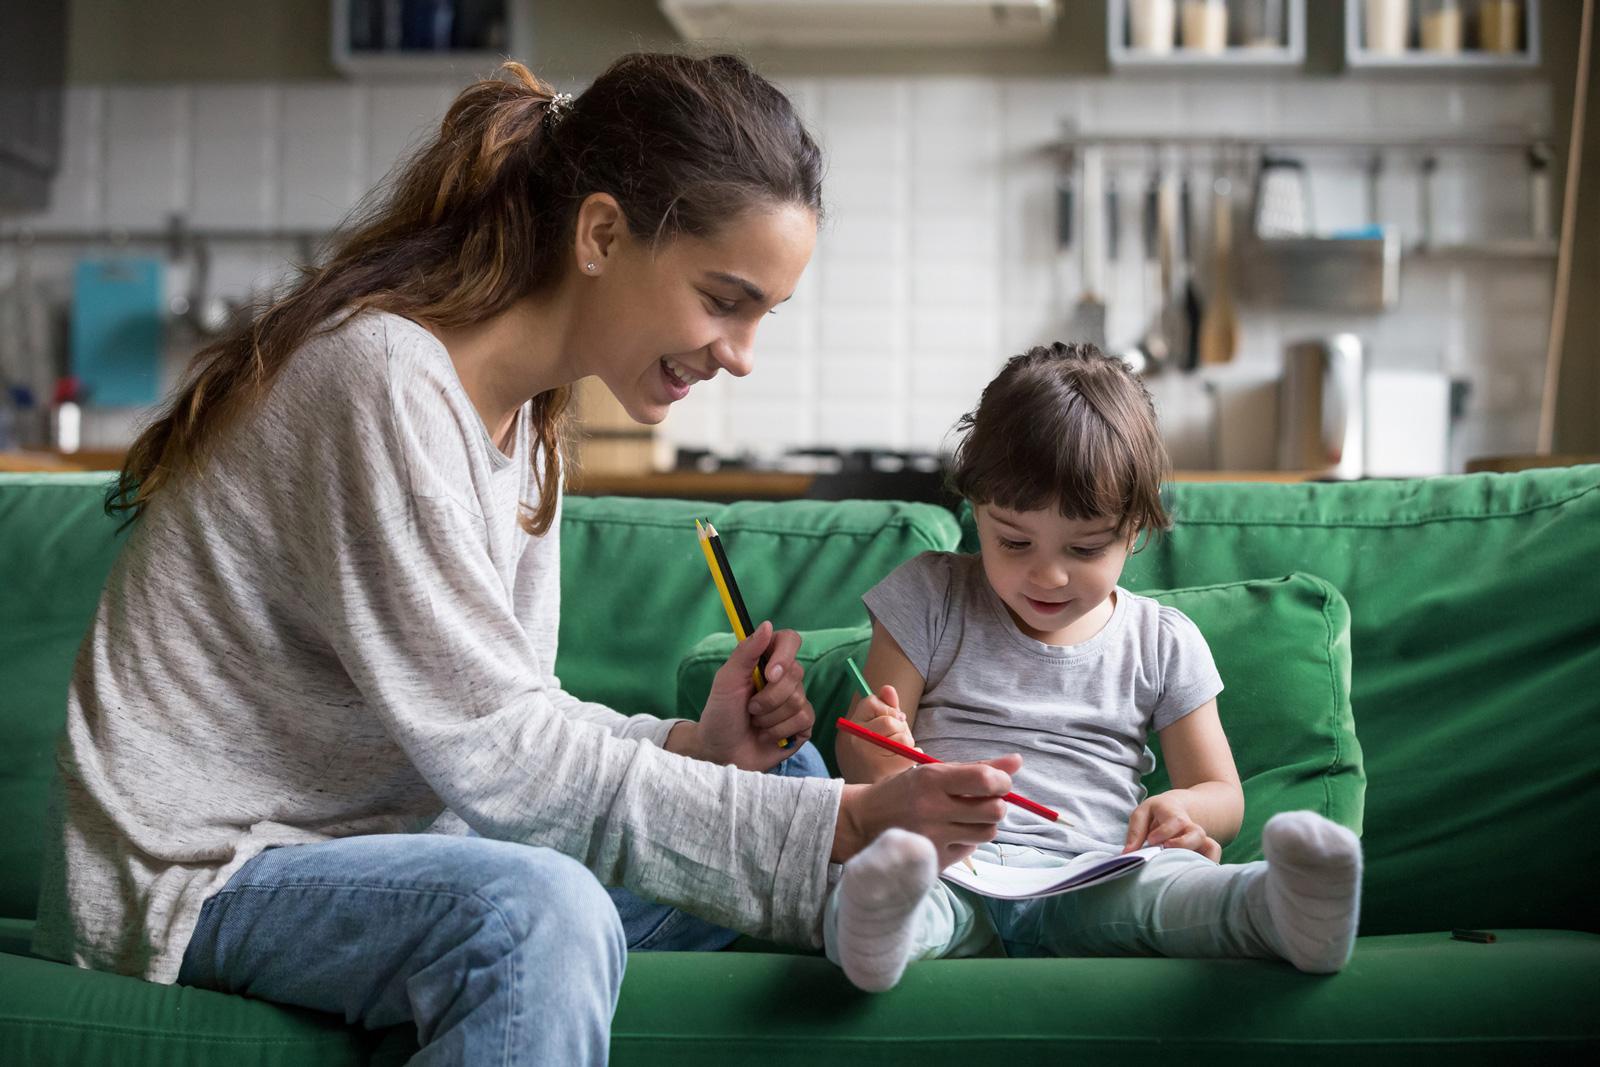 Die Betreuung von Kindern gehört zu den Hauptaufgaben eines Au-pairs.